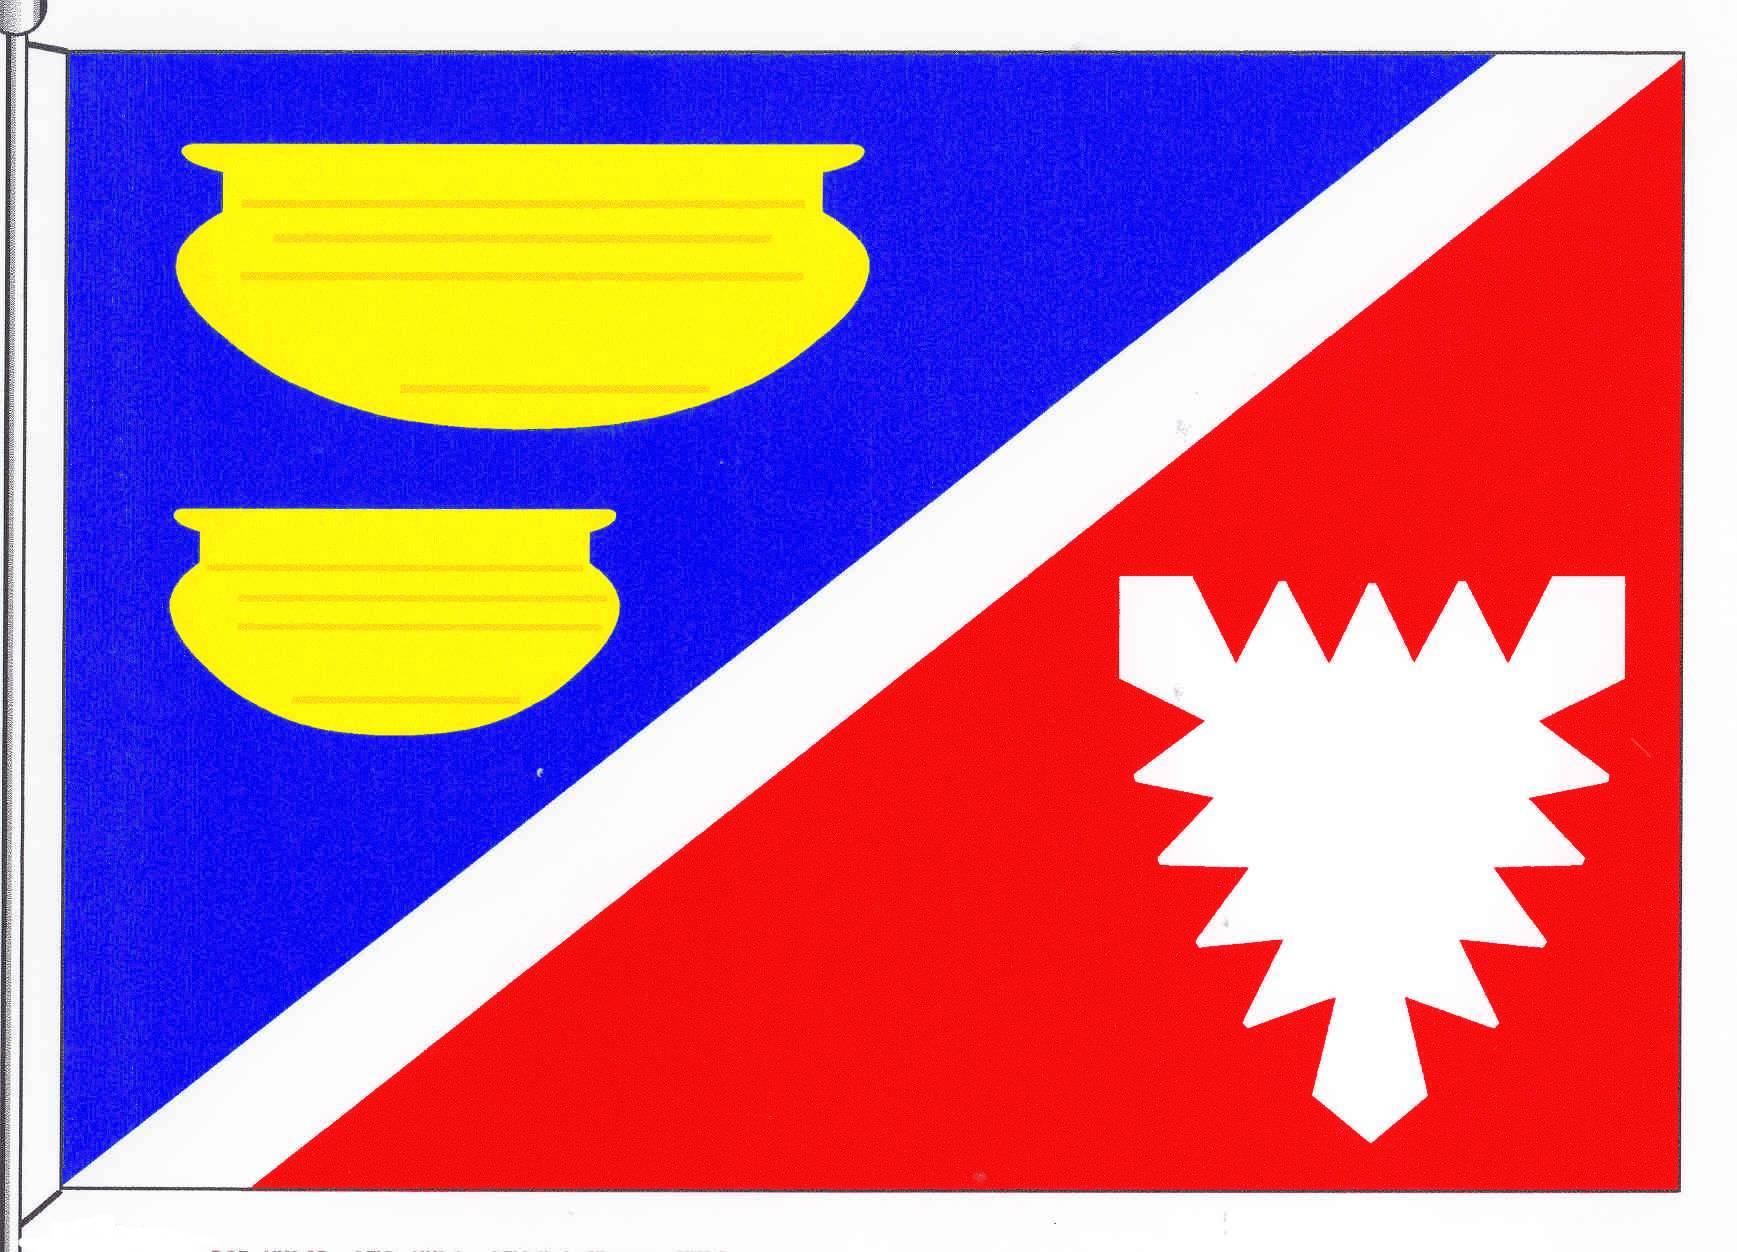 Flagge GemeindeStolpe, Kreis Plön